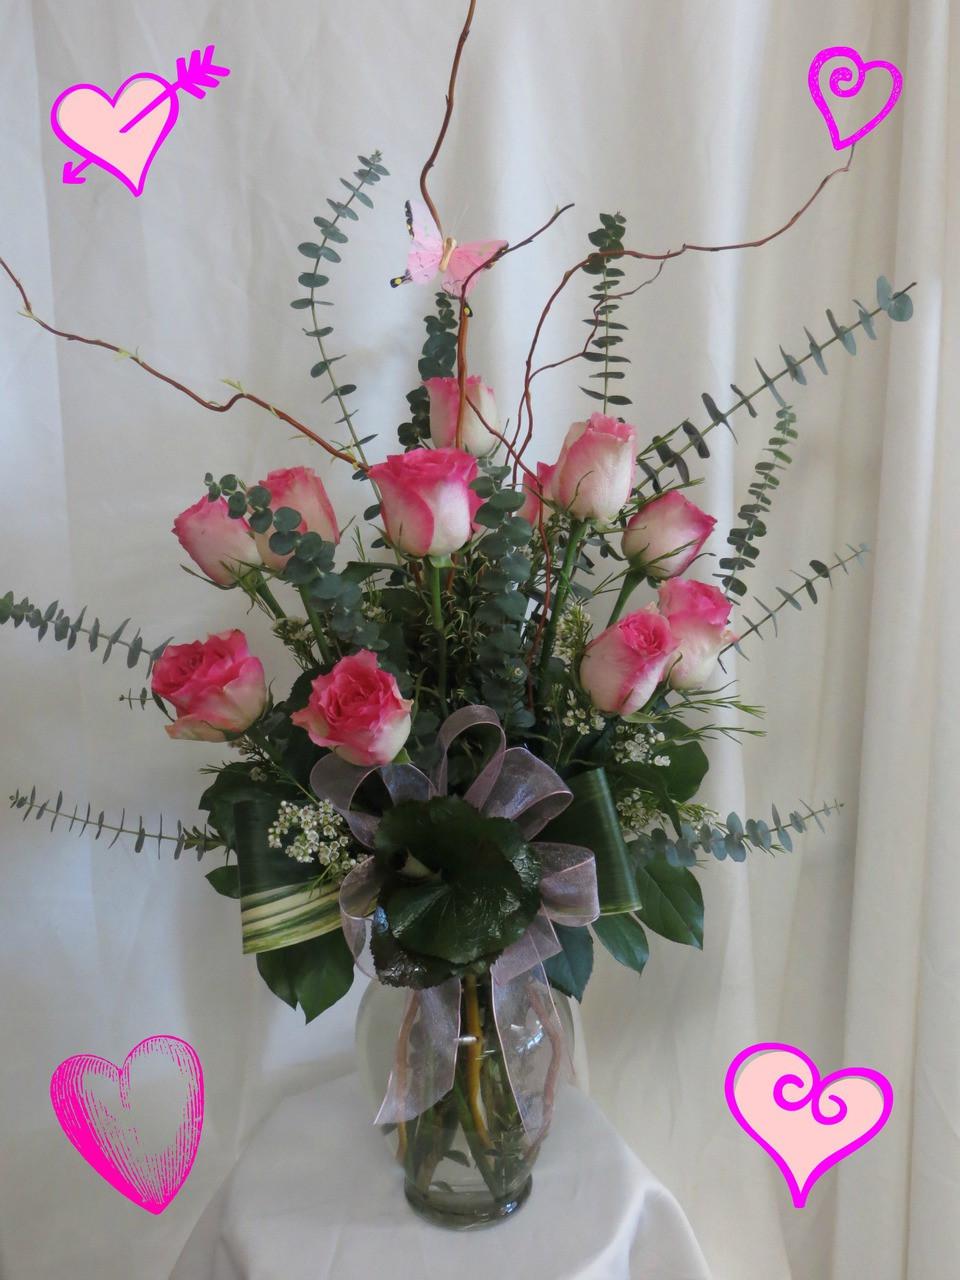 Pink Fire Ice Premium 1 Dozen Roses In Vase 832850 7677